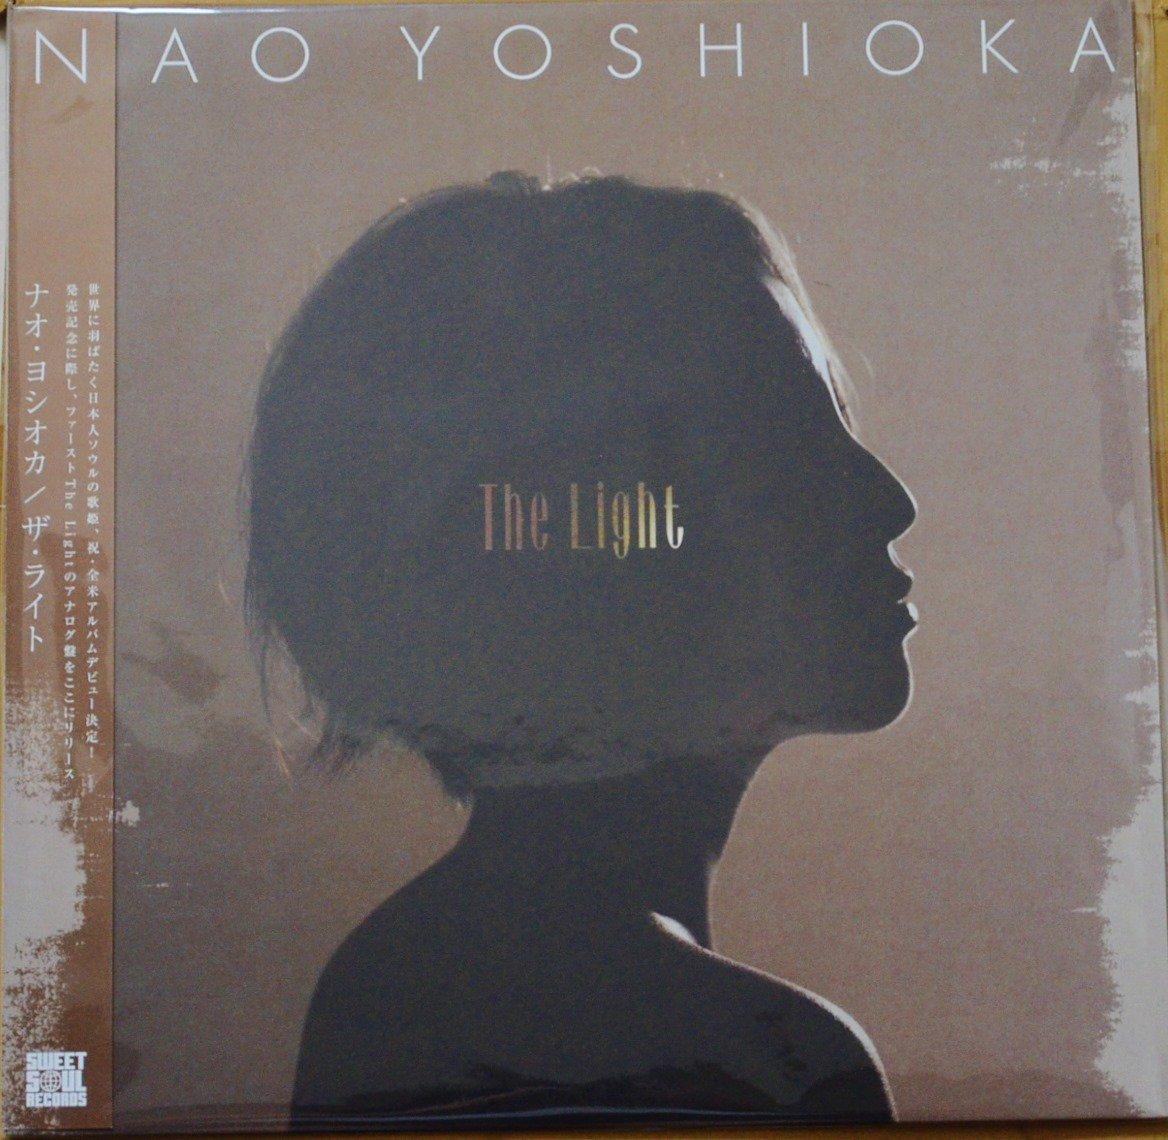 ナオ・ヨシオカ NAO YOSHIOKA / ザ・ライト THE LIGHT (1LP)